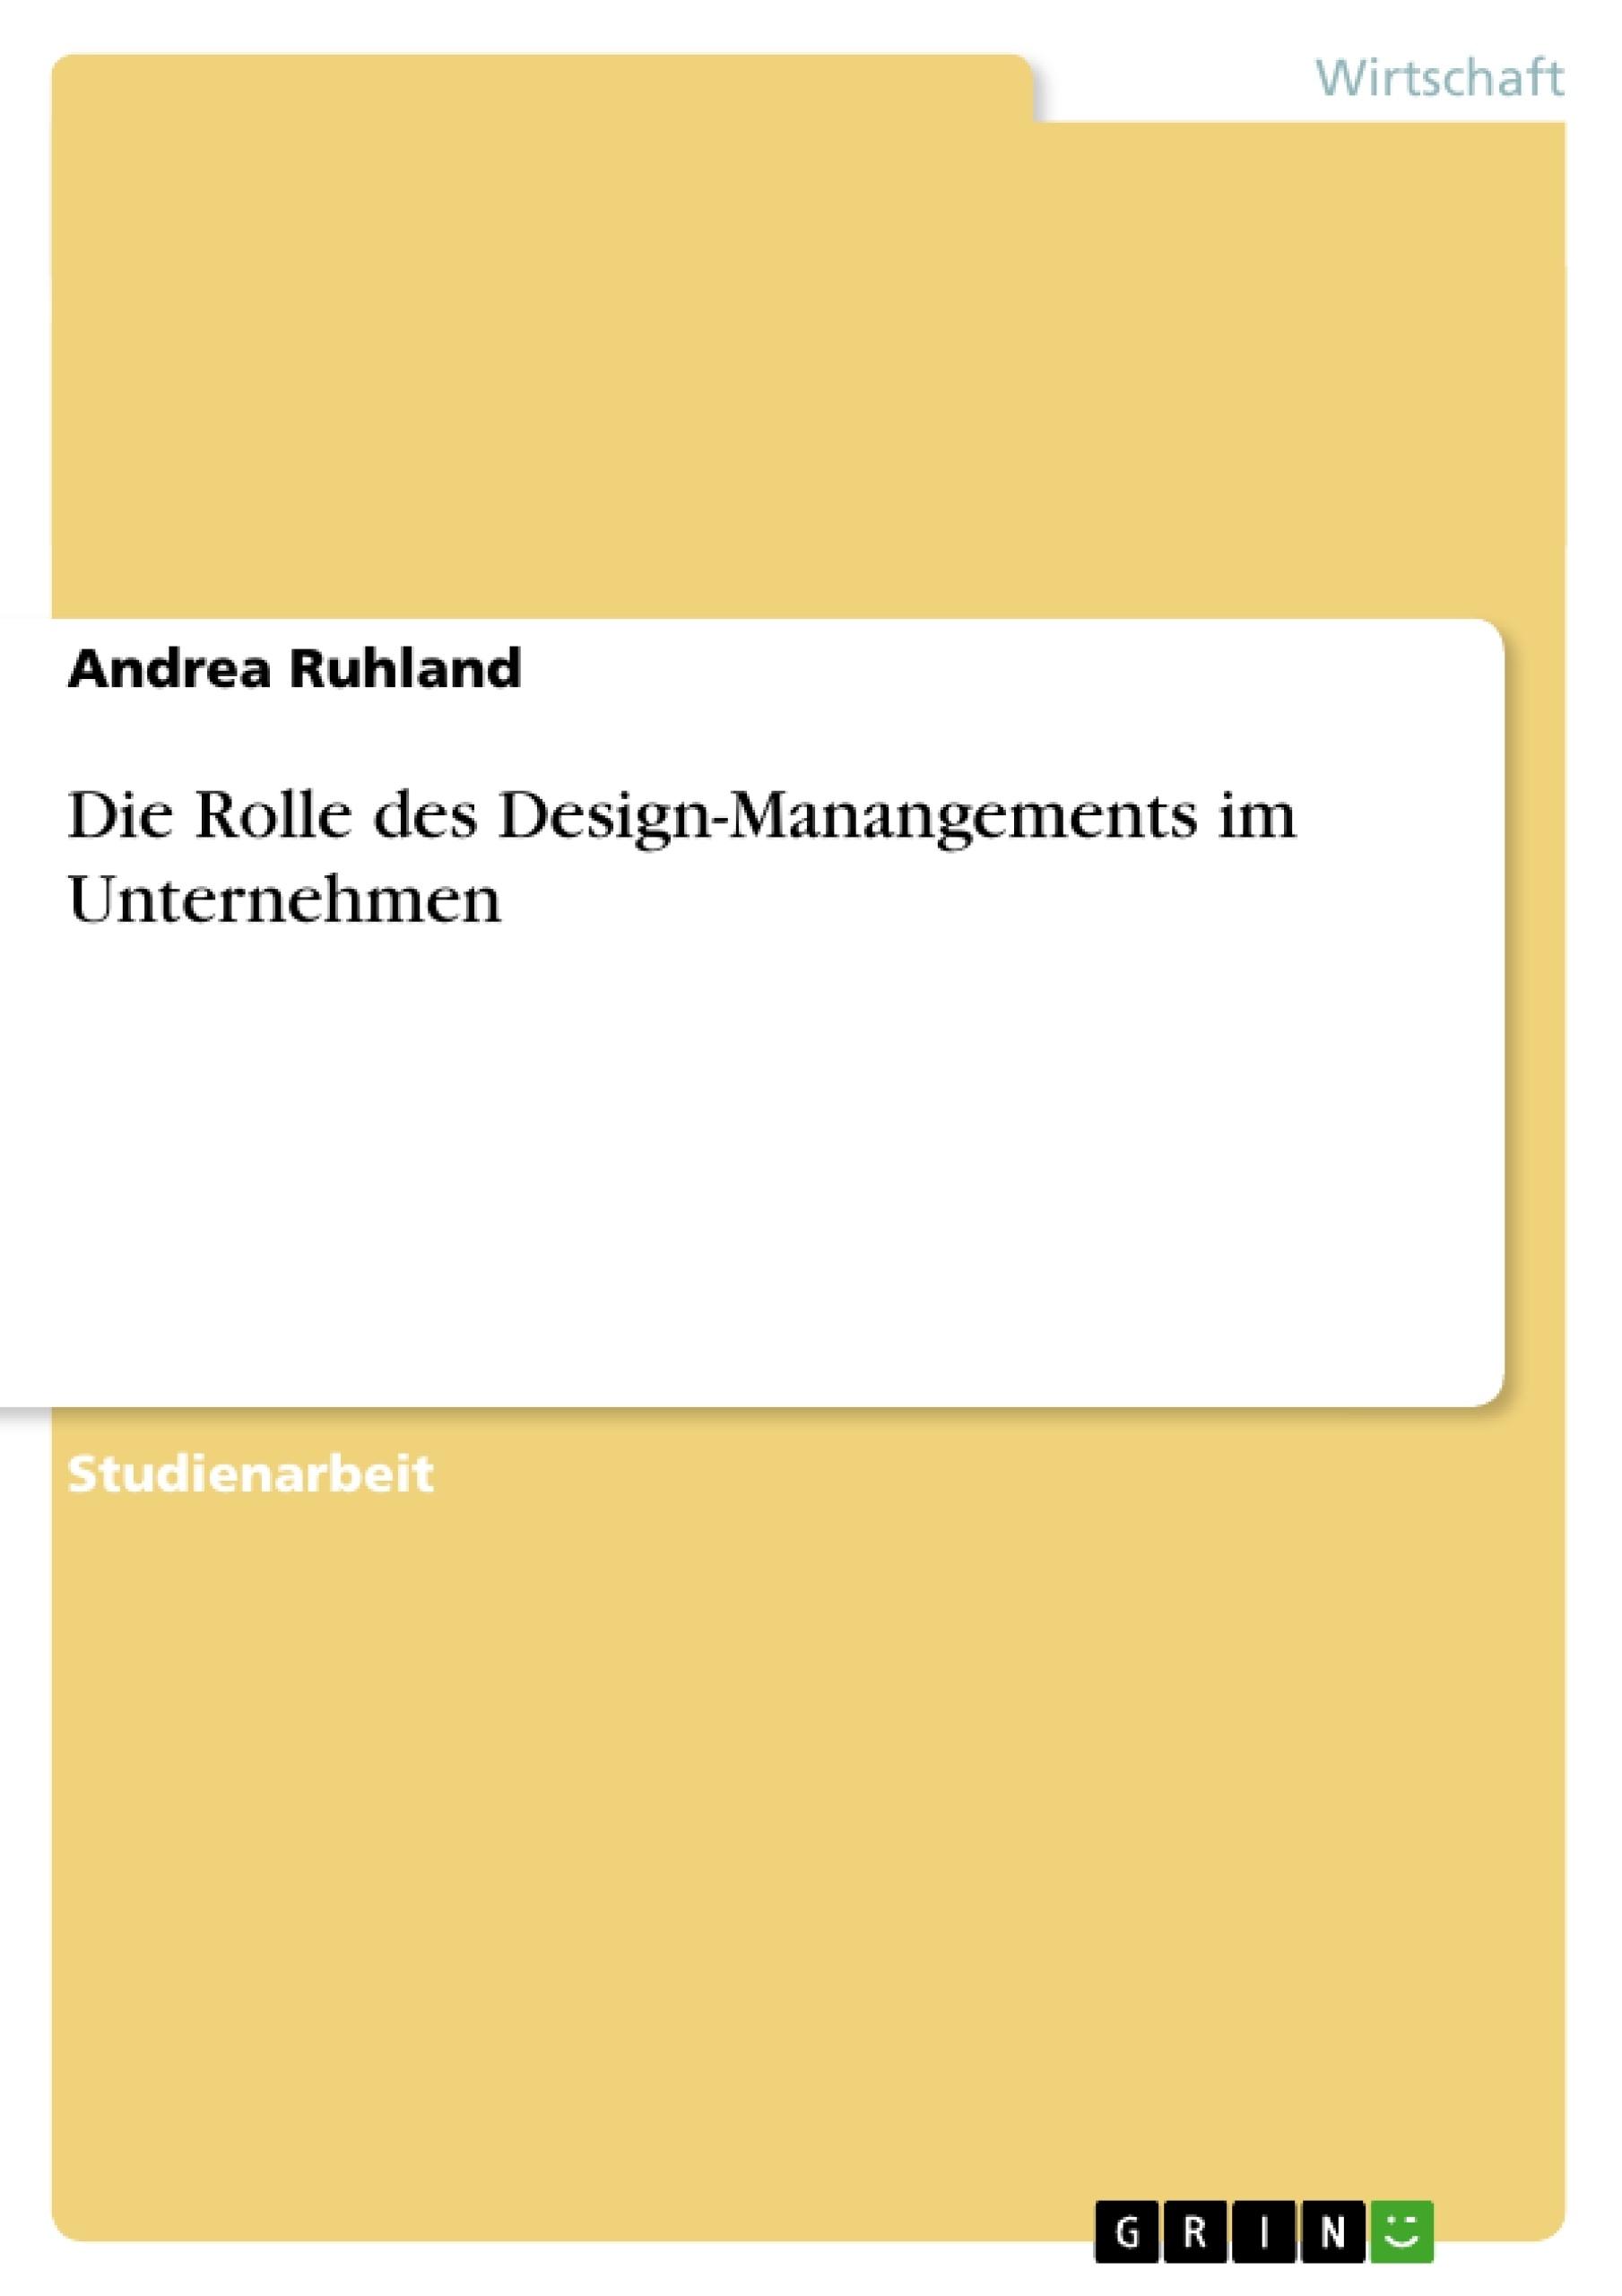 Titel: Die Rolle des Design-Manangements im Unternehmen